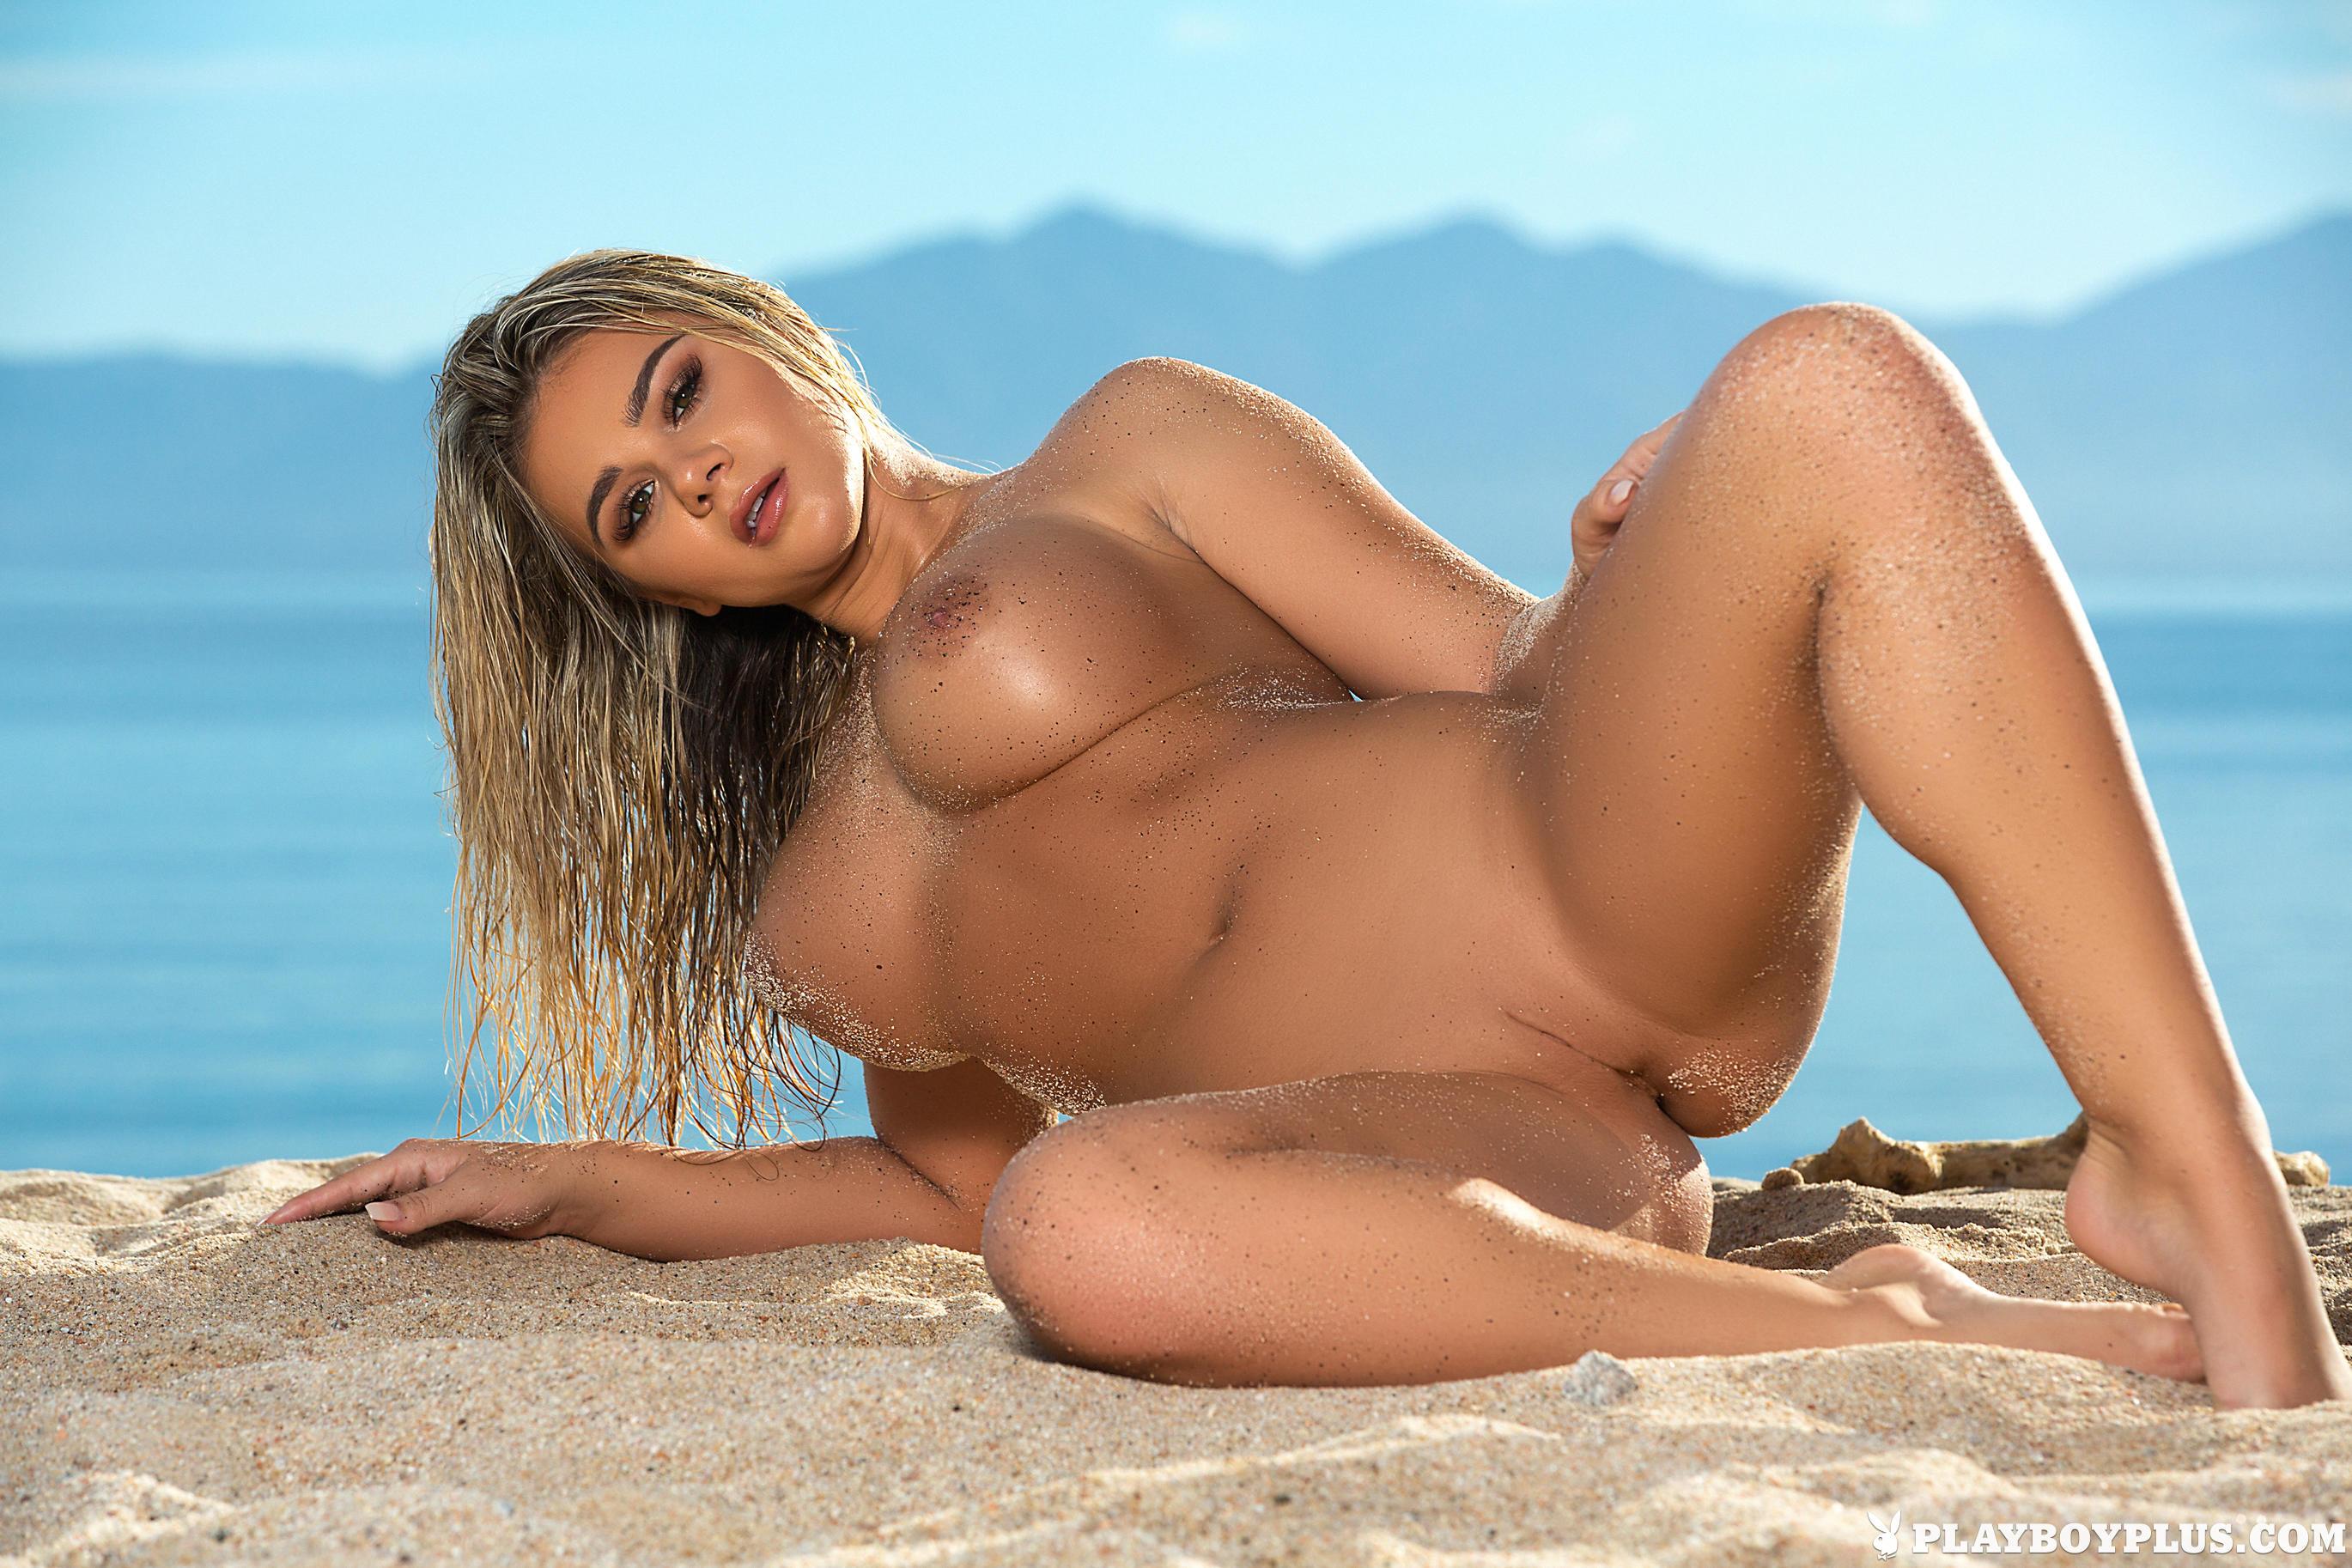 красивые голые девушки на пляже порно зрелые женщины